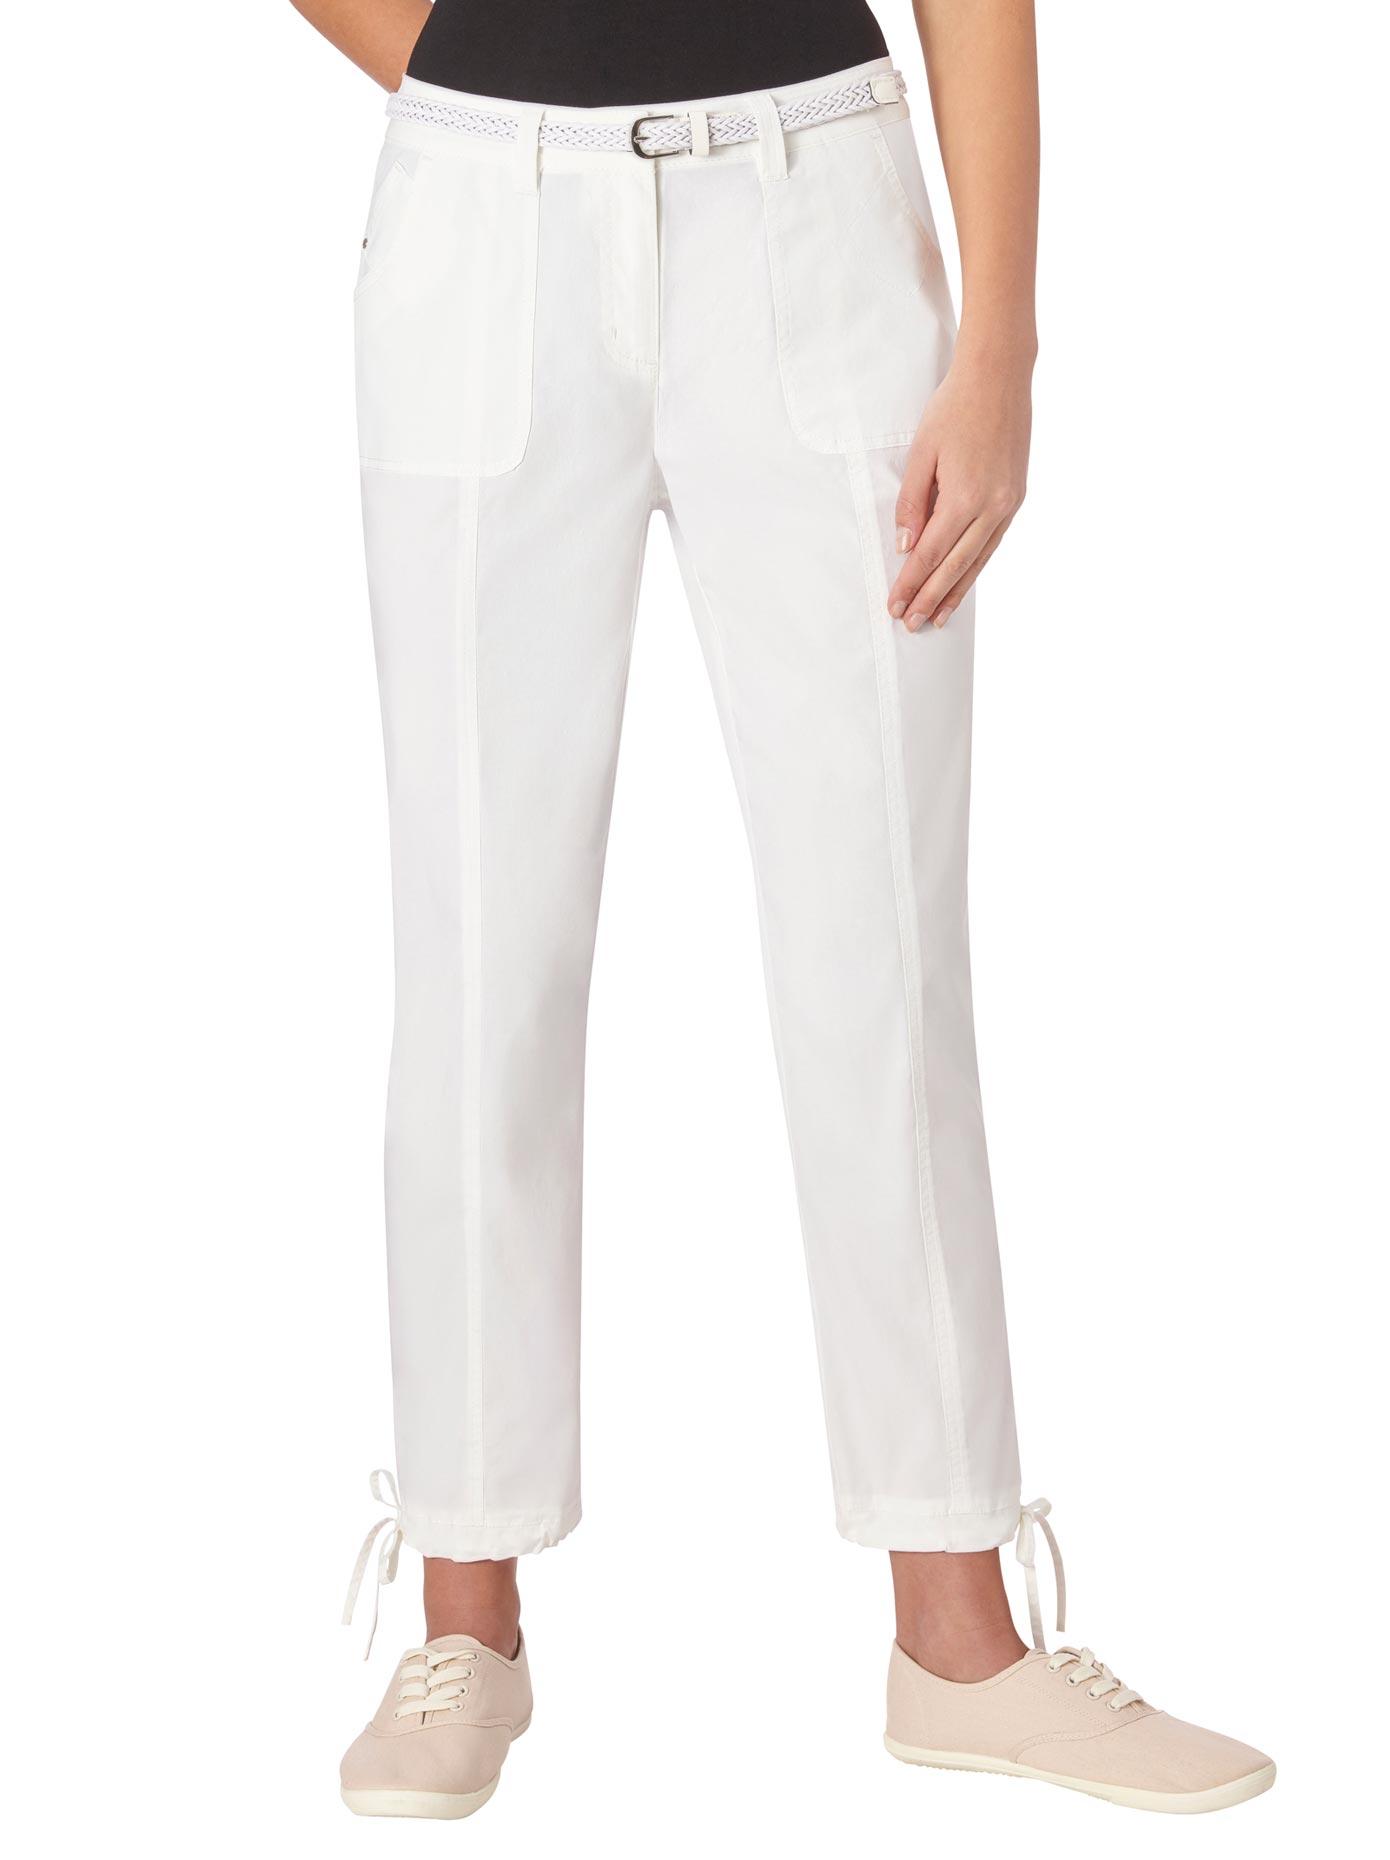 Casual Looks 7/8-Hose mit Bindeband am Saumabschluss | Bekleidung > Hosen > 7/8-Hosen | Casual Looks